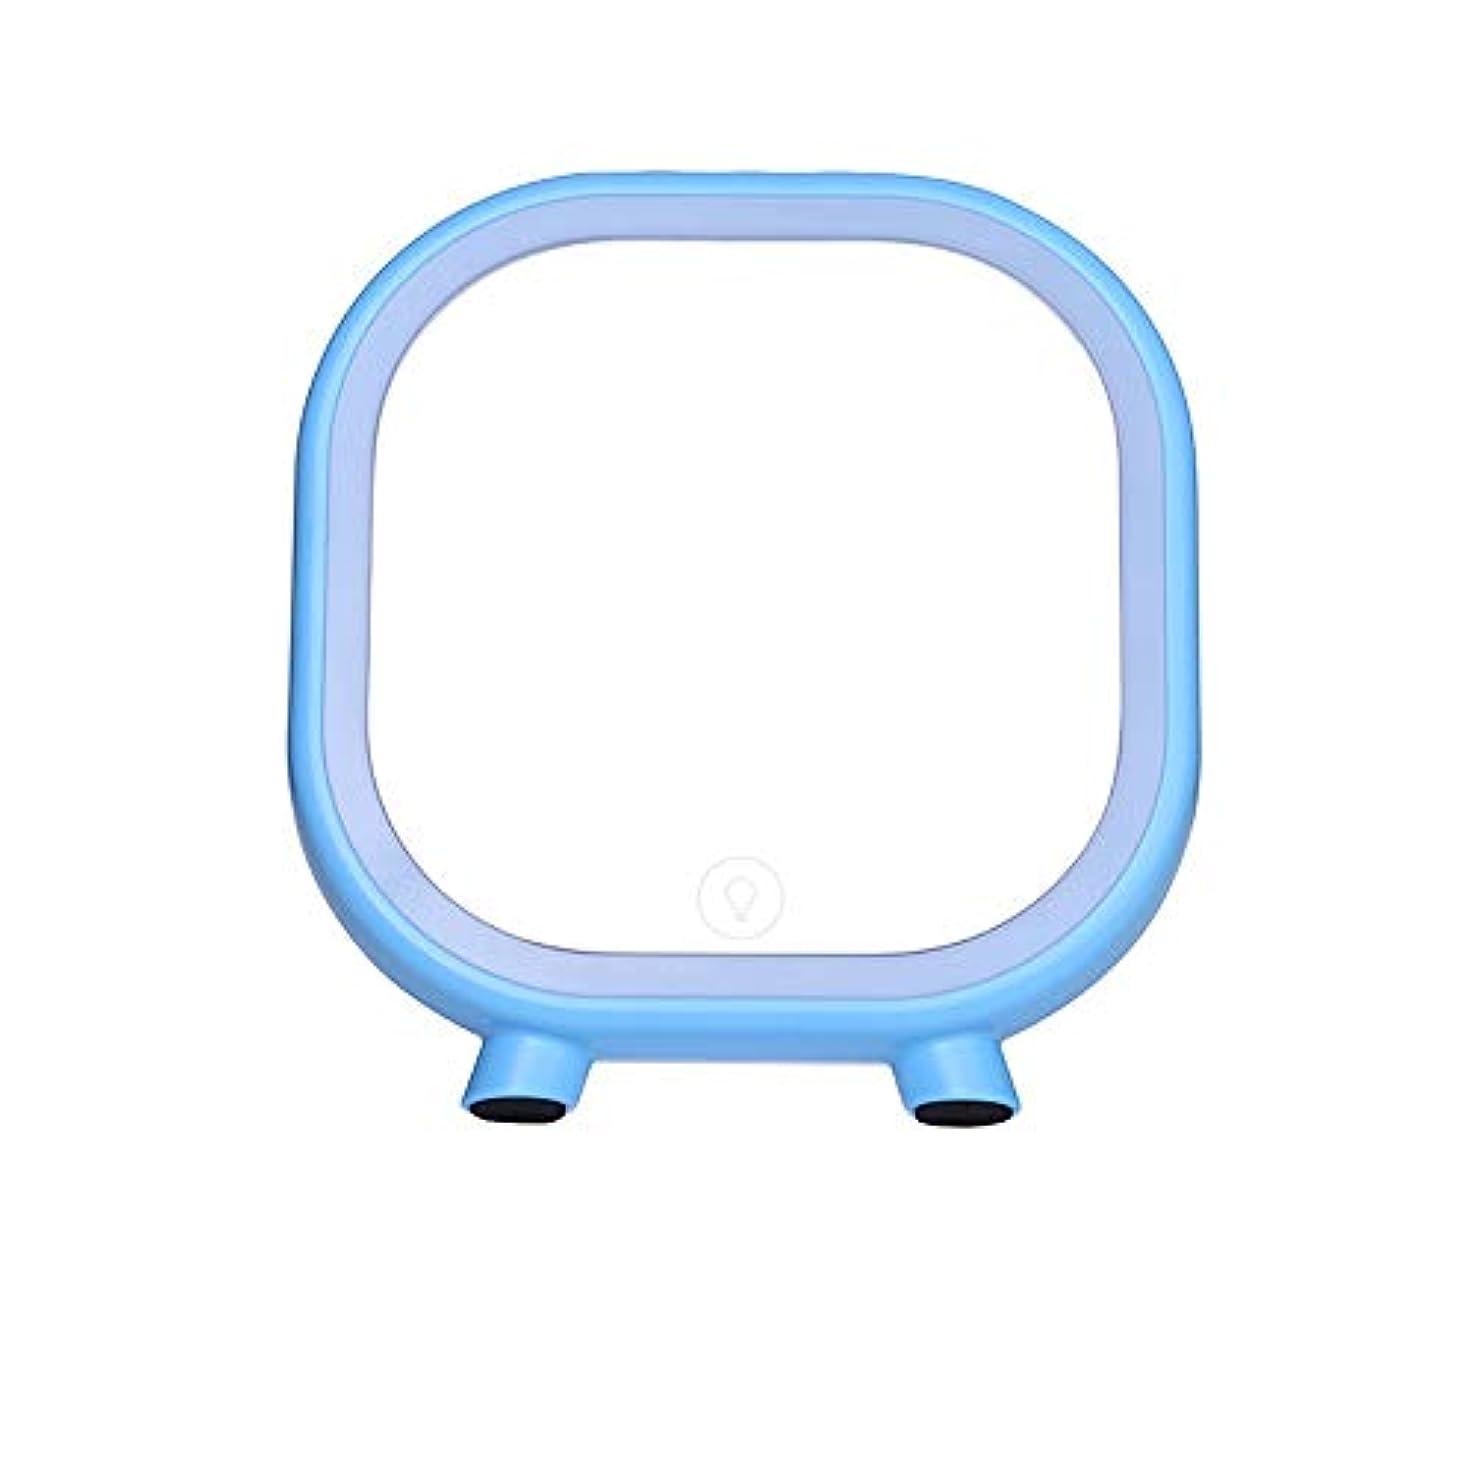 エクステント飛行機オークランド流行の 創造的なLEDの薄いピンク/青い正方形のブルートゥースのスピーカーの化粧台/化粧鏡 (色 : Blue)